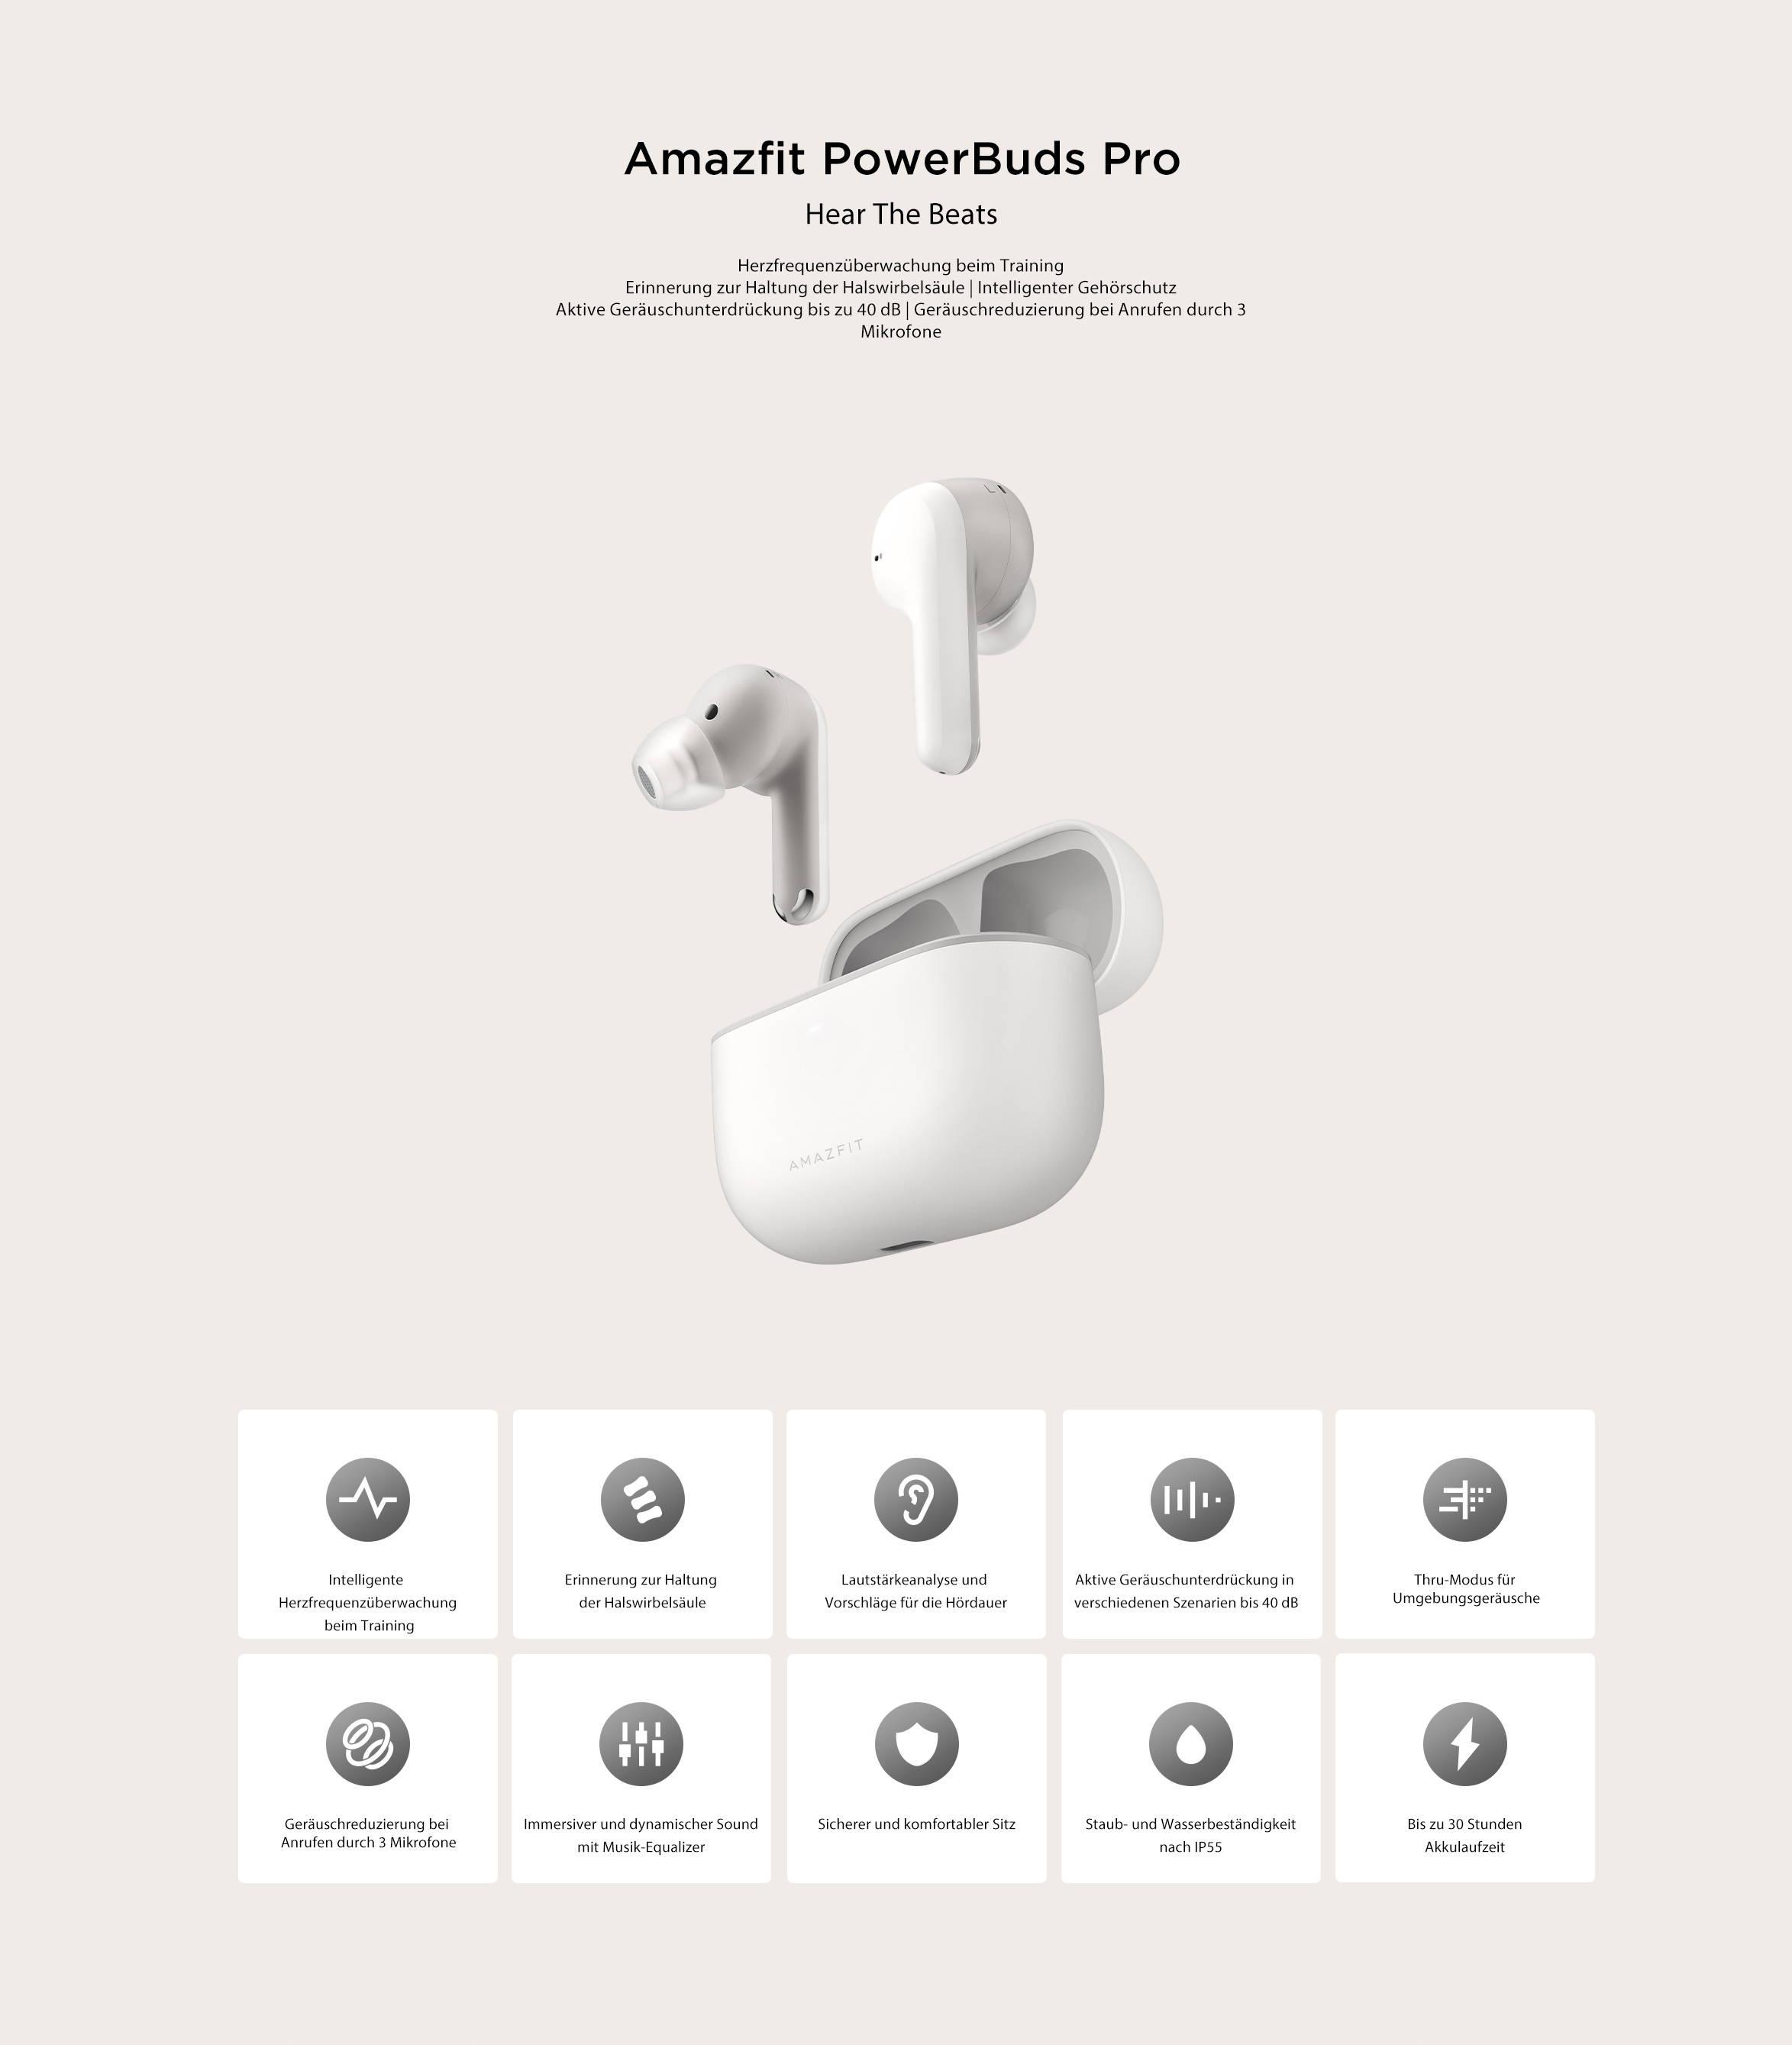 Amazfit GTS 2 - Wo Stil auf Gesundheit trifft 3D-Curved-Design ohne Rahmen Umfassendes Gesundheits- und Fitness-Tracking Speicherung und Wiedergabe von Musik